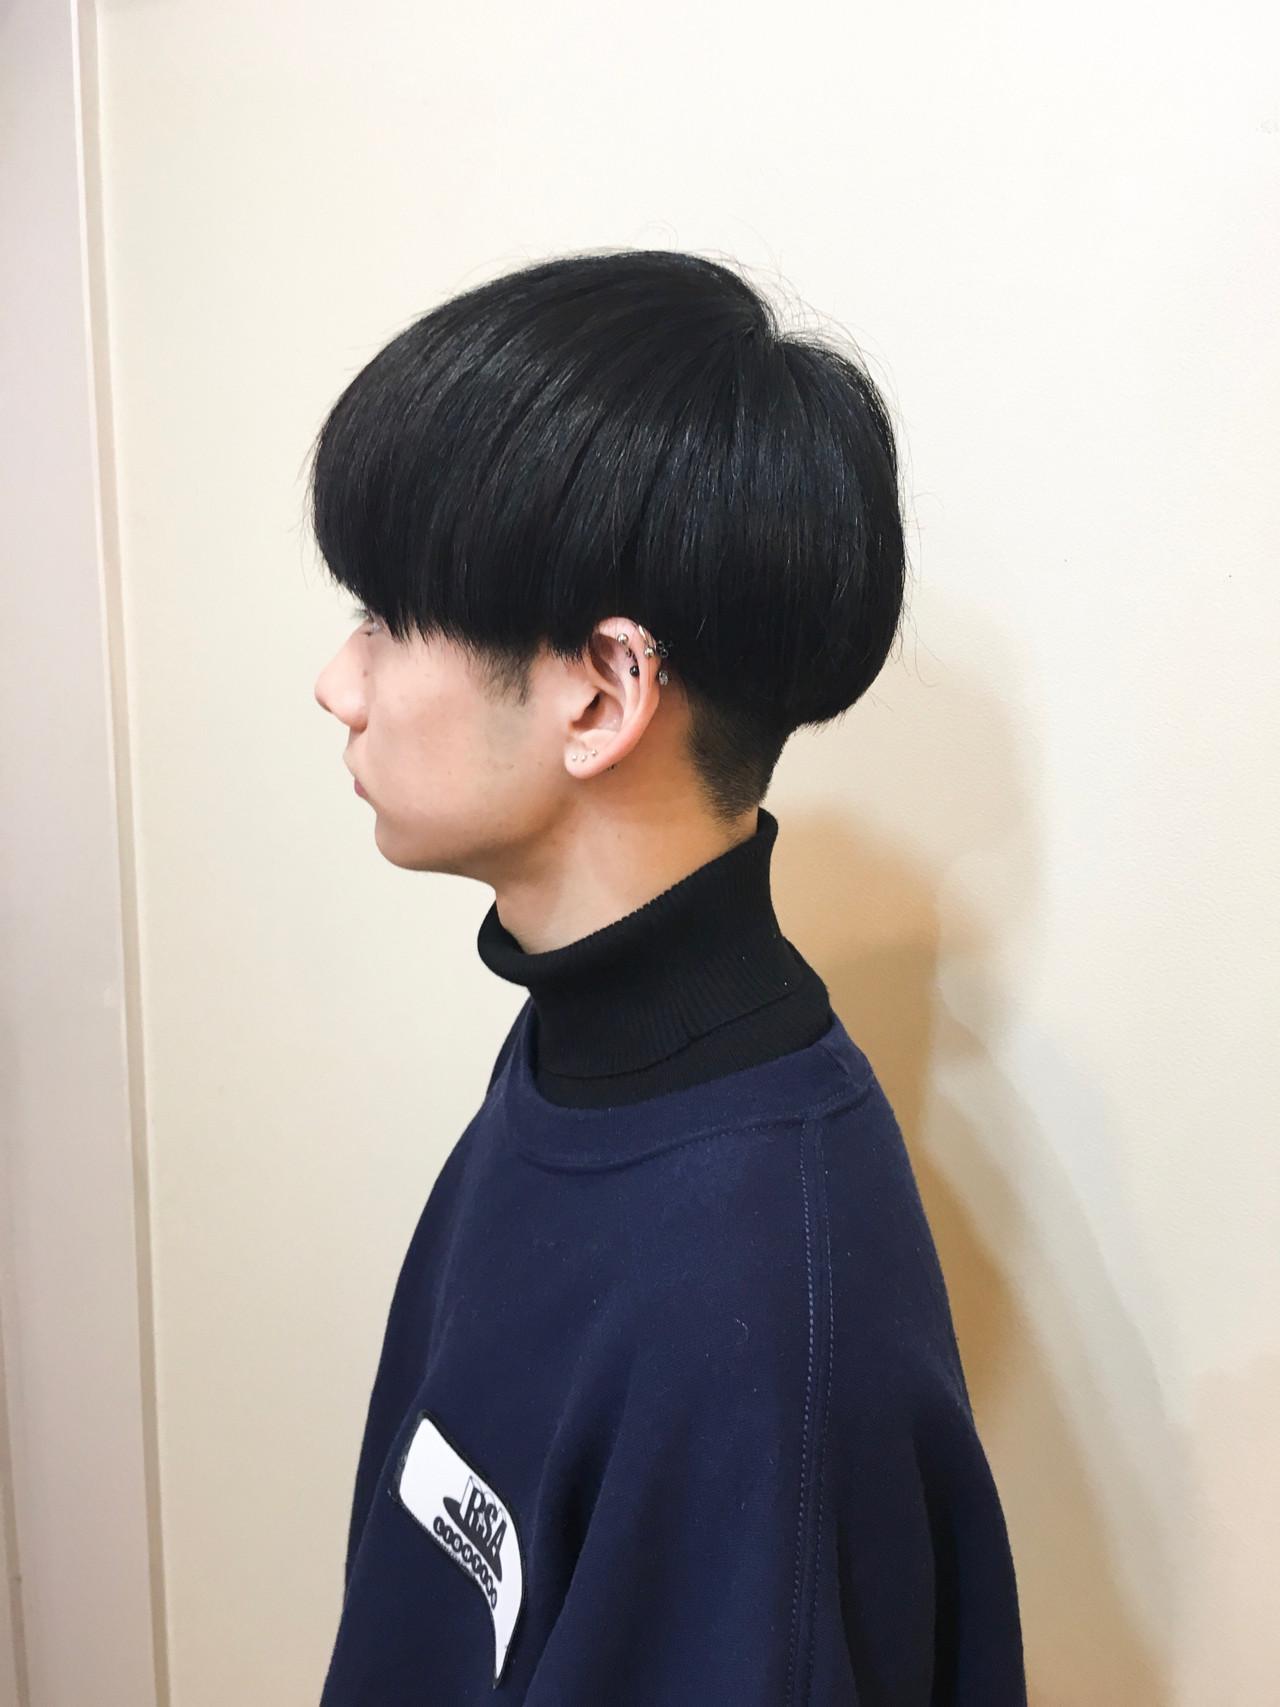 メンズ ショート メンズスタイル メンズカット ヘアスタイルや髪型の写真・画像 | 《町田の美容師》キタダヒロキ / Hair Frais Make